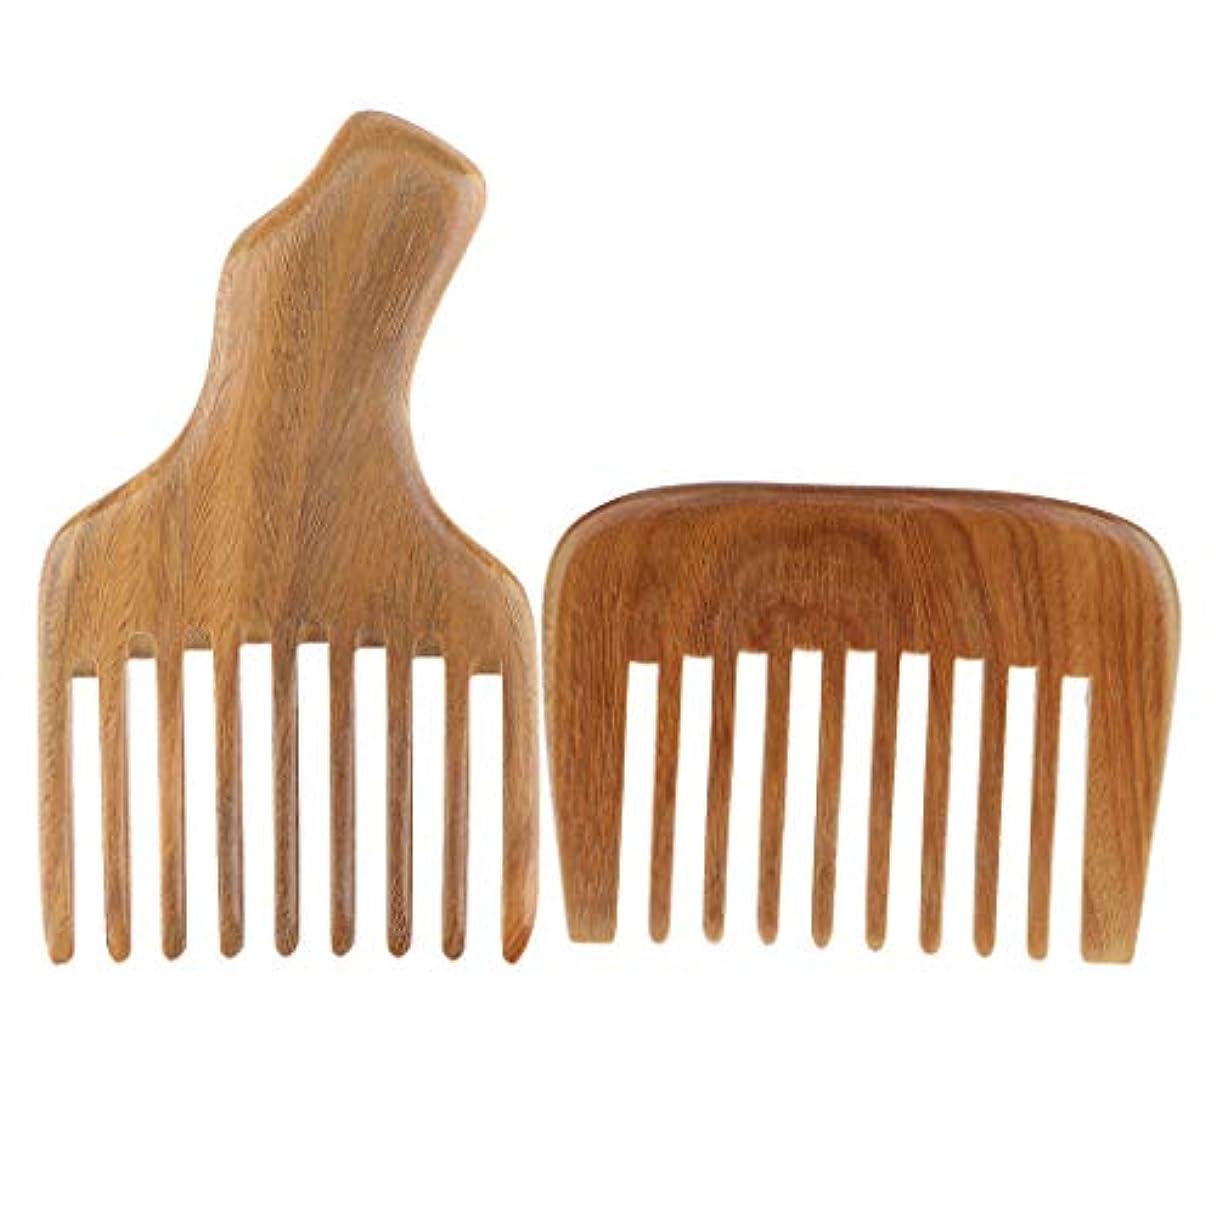 下にマザーランドパンフレット2個 木製櫛 ウッドコーム ワイド歯 ギフト 髪型 ひげ 口ひげ